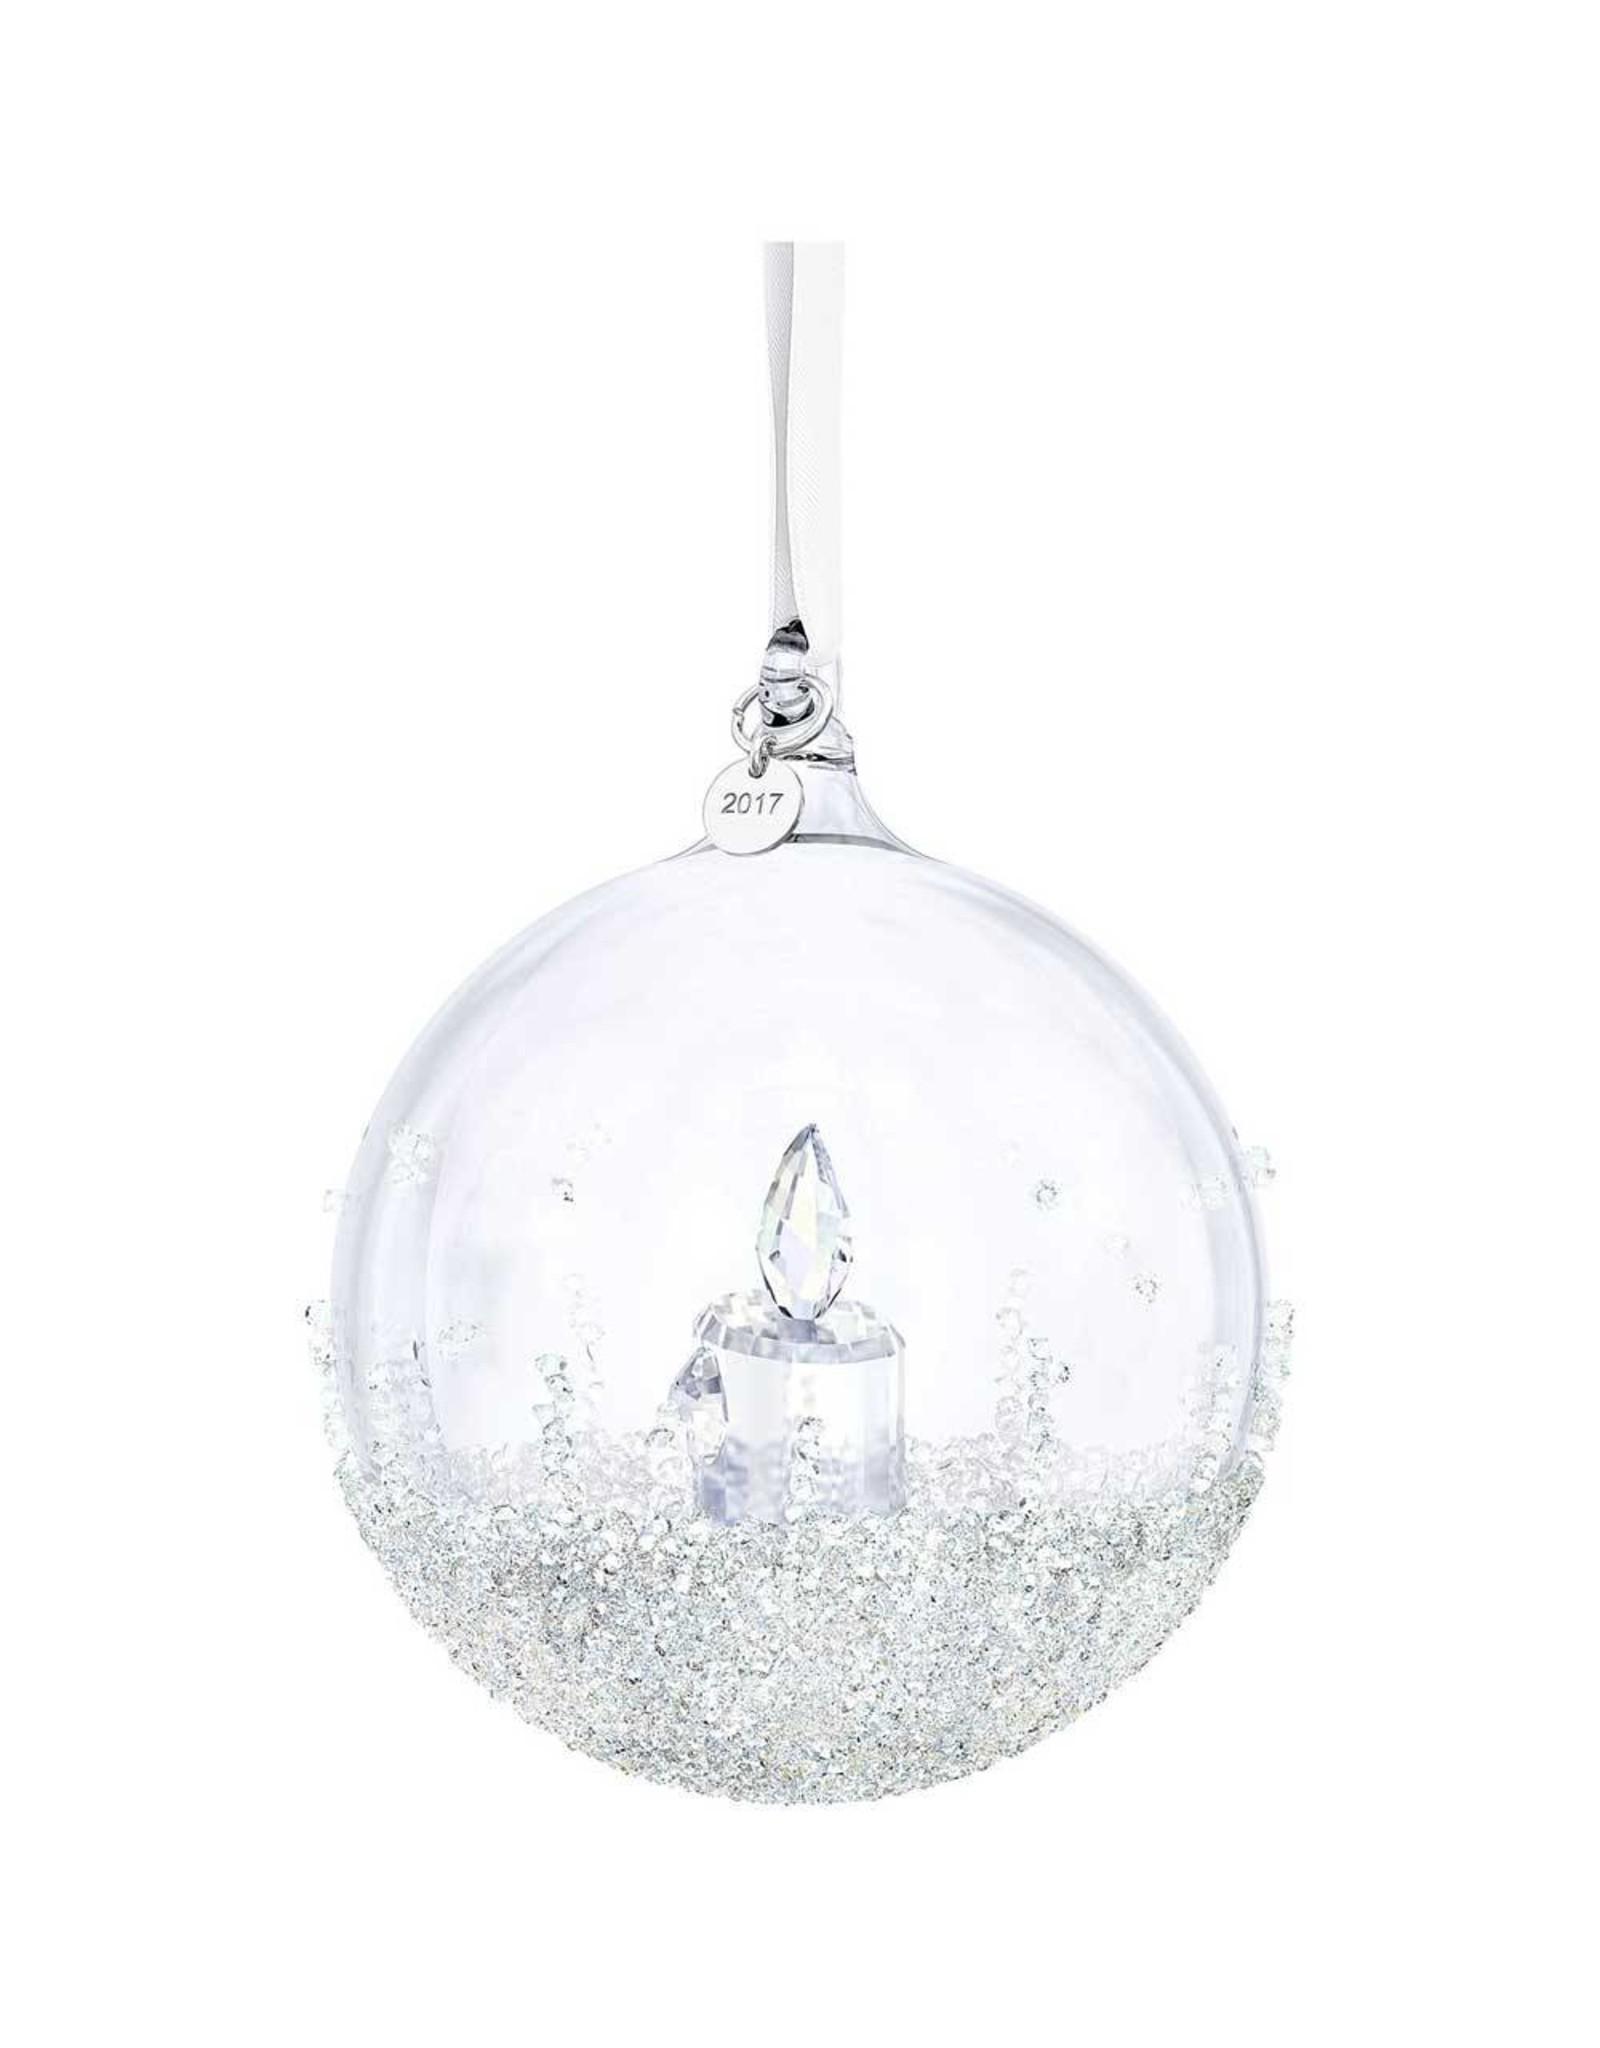 Swarovski 2017 Swarovski Christmas Ball Ornament